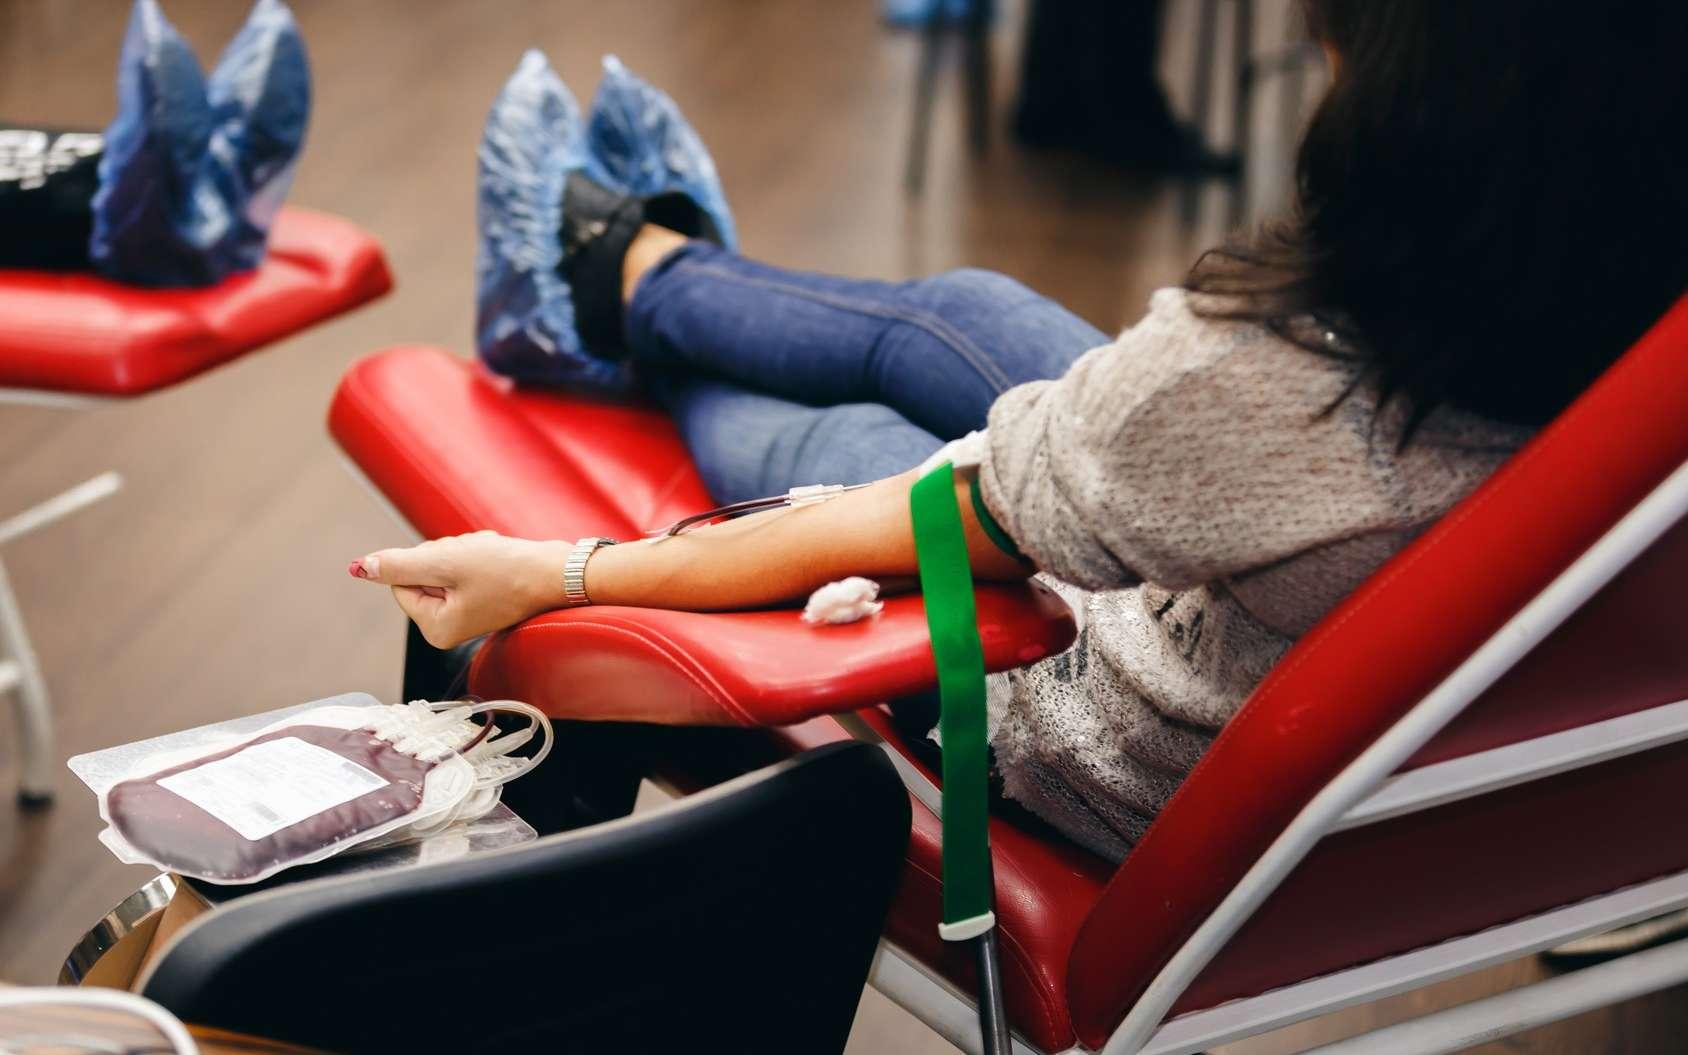 Les personnes de groupe O- sont des donneurs universels de sang. © belyjmishka, Fotolia